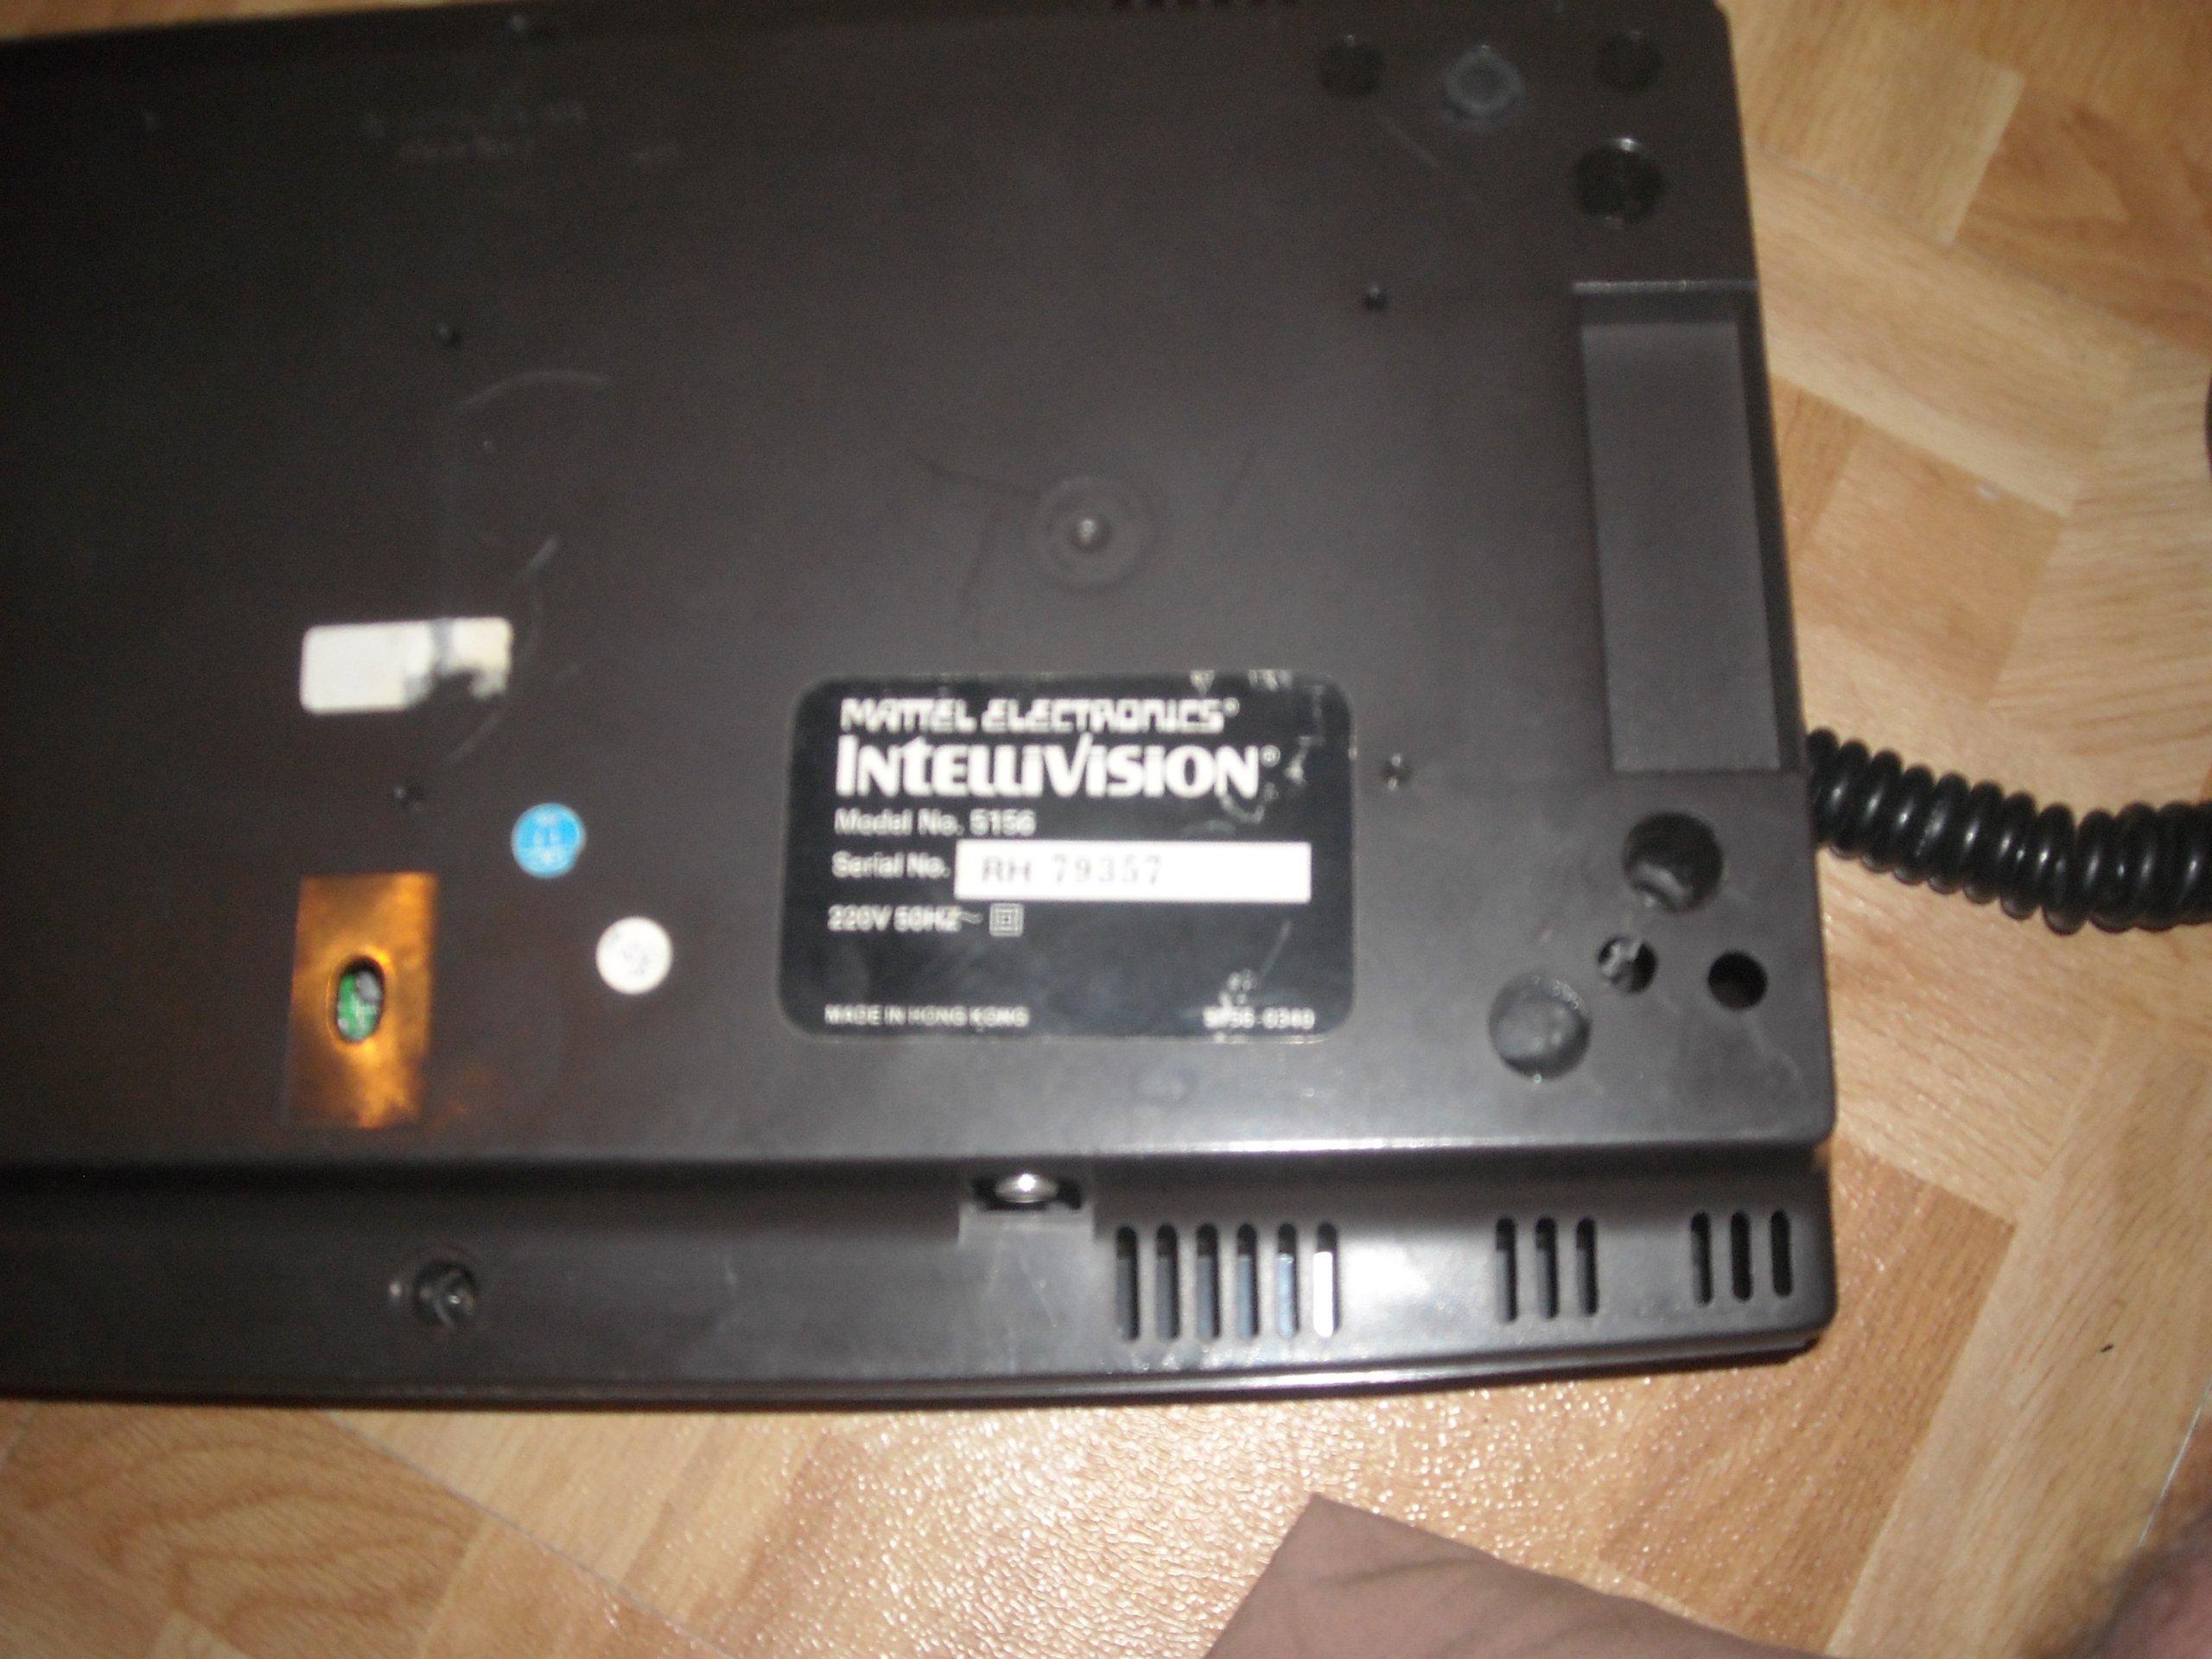 Les différentes Versions d'Intellivision C6be4d53-9ab2-41c1-a78d-d5090e70745f